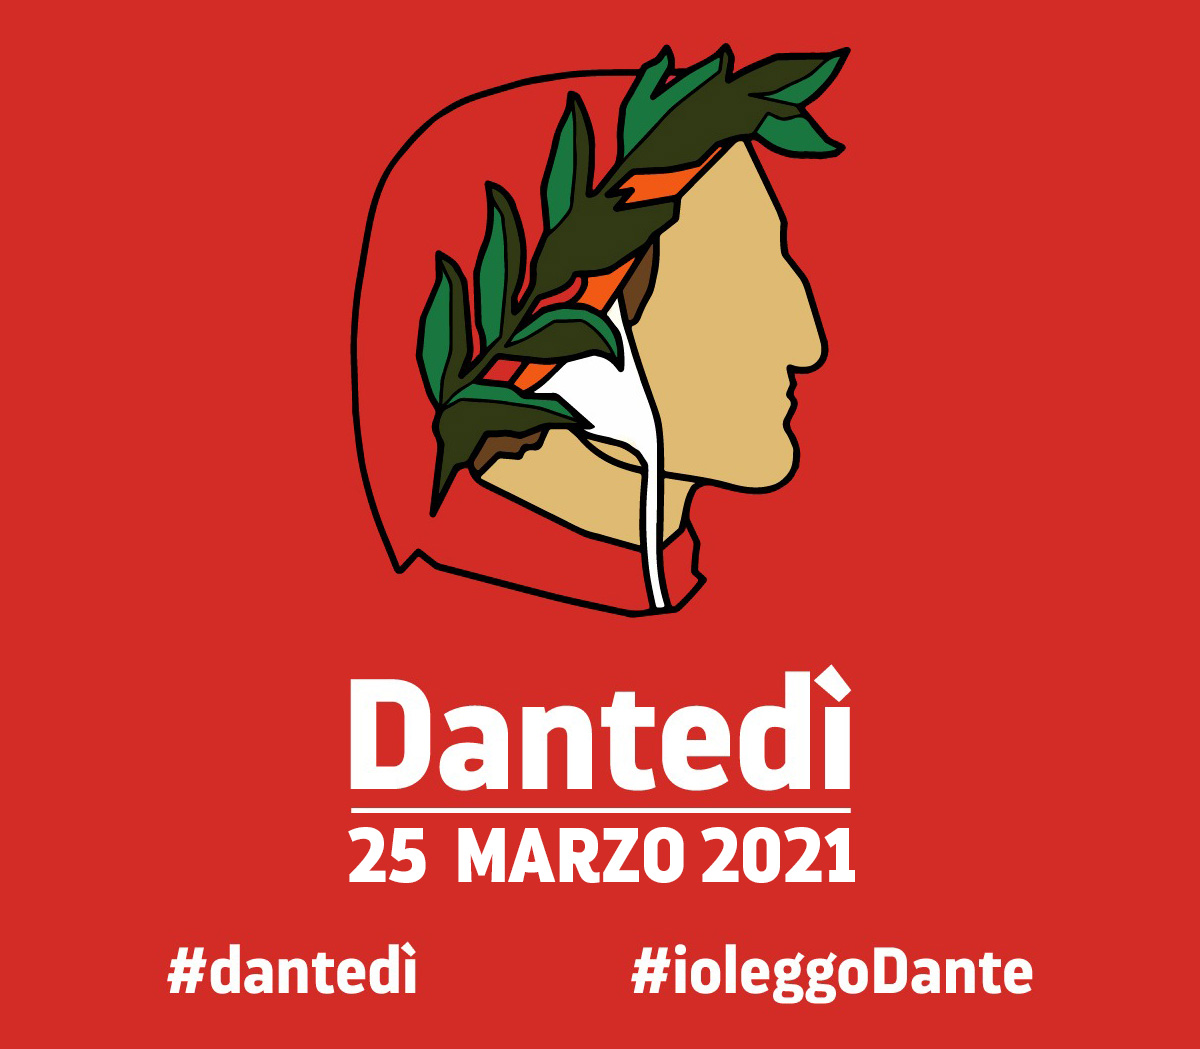 Dantedì 25 marzo 2021 - Salesiani Milano